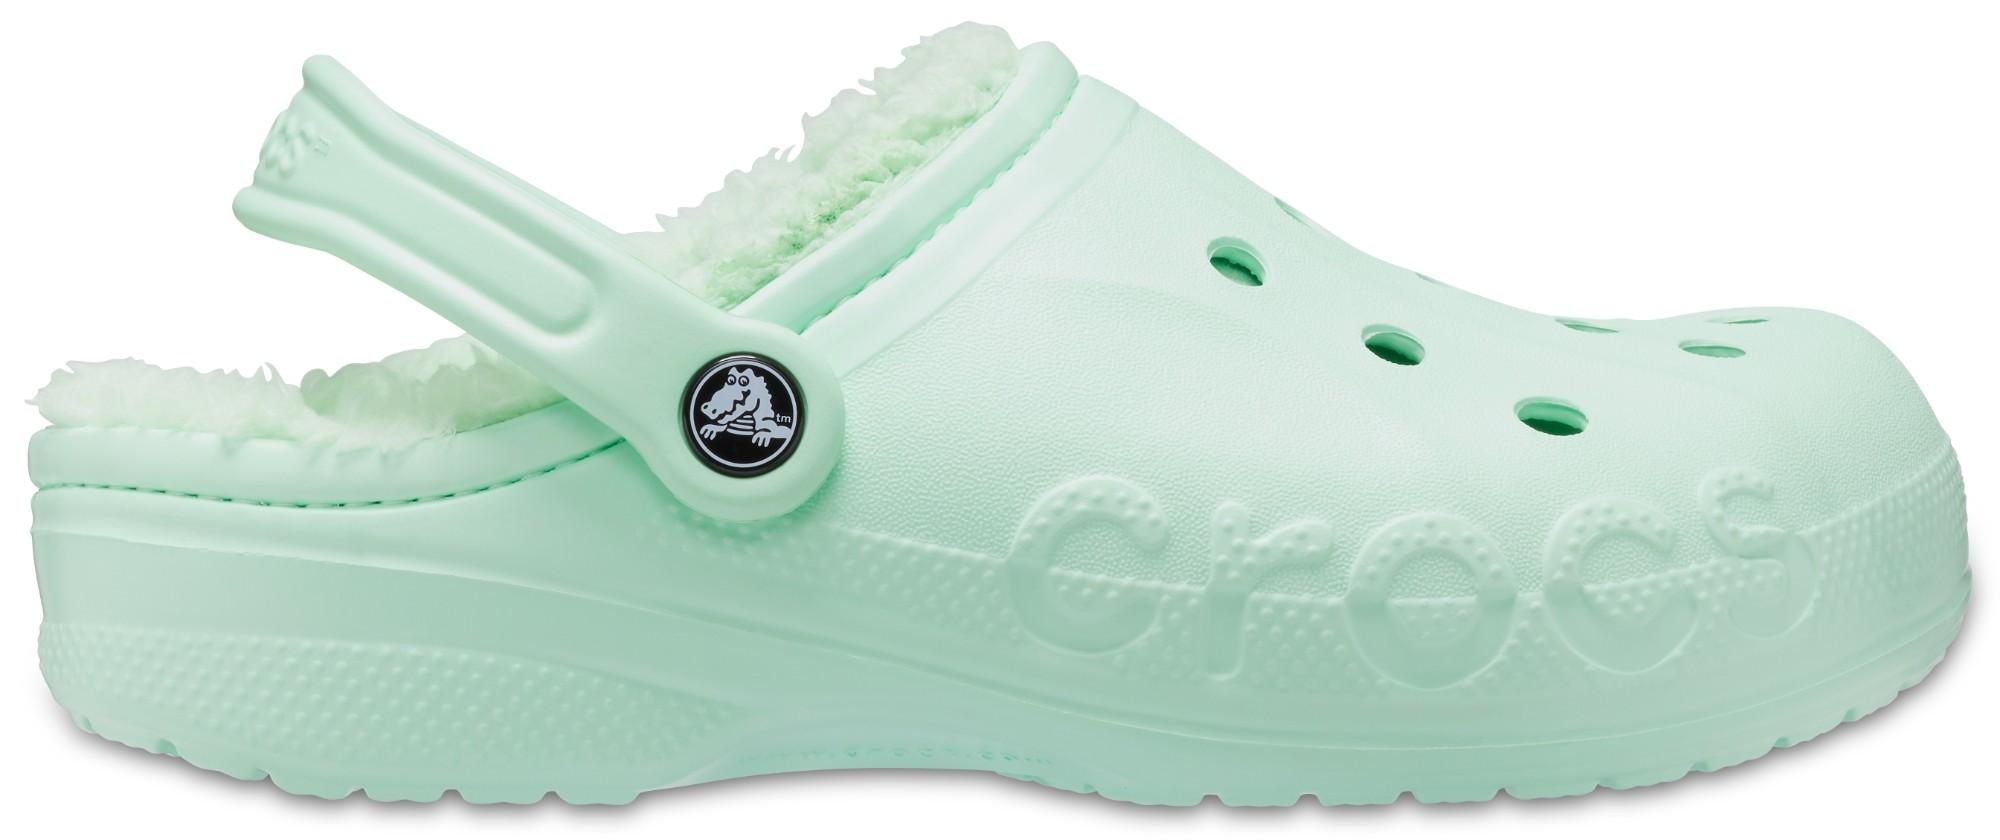 Crocs™ Baya Lined Clog Neo Mint/Neo Mint 37,5